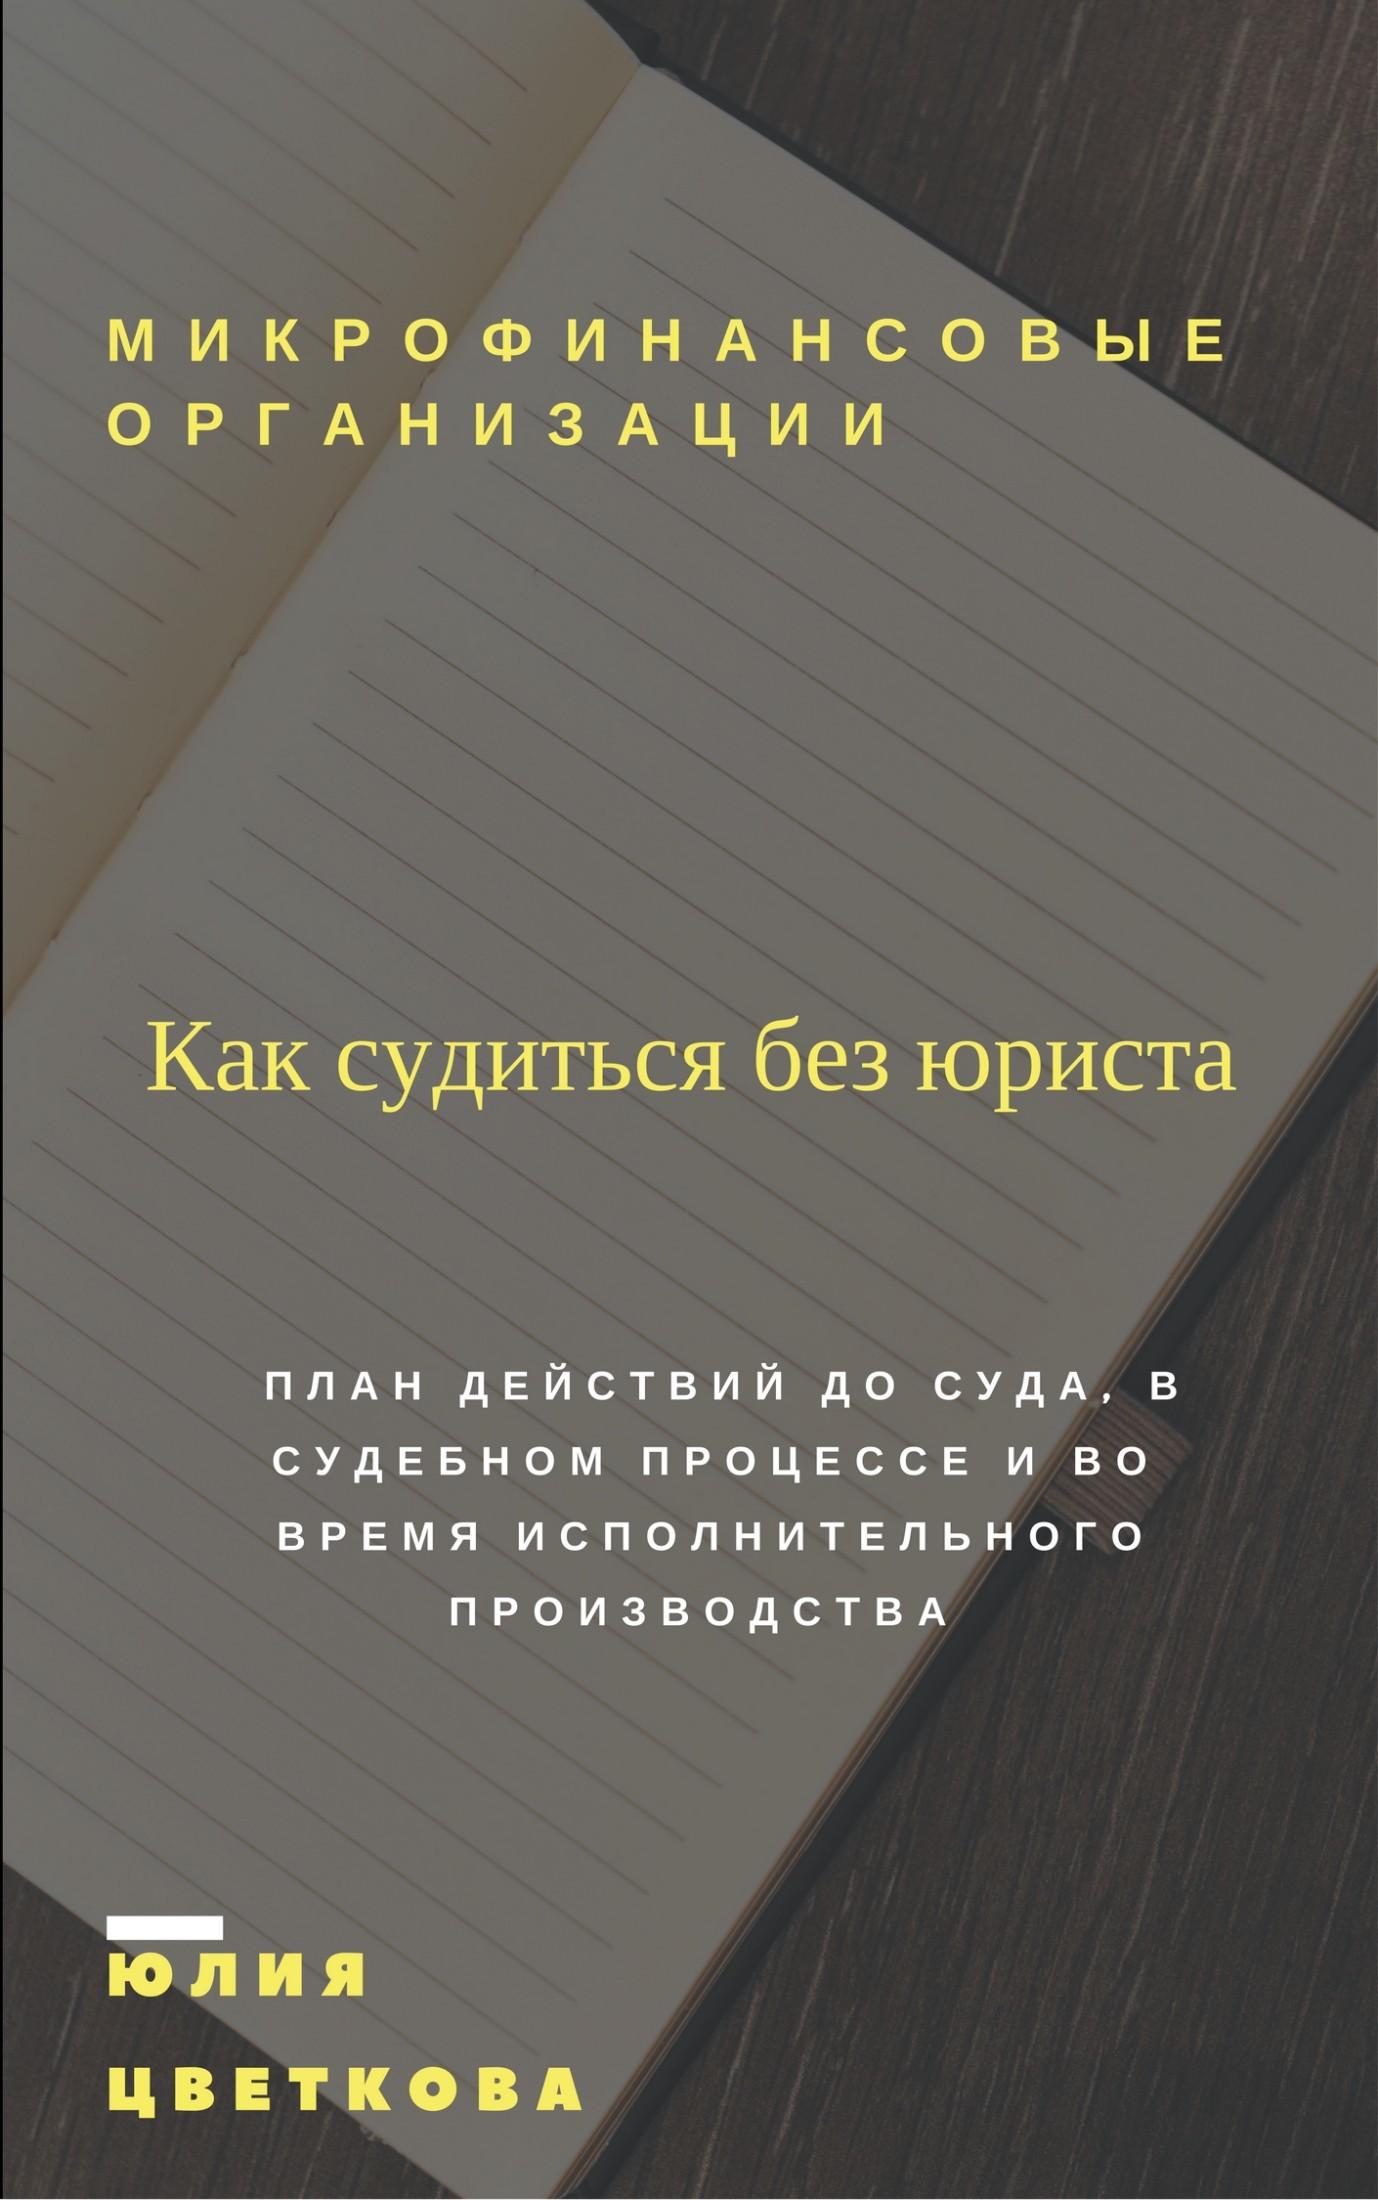 Юлия Цветкова Микрофинансовые организации. Как судиться без юриста